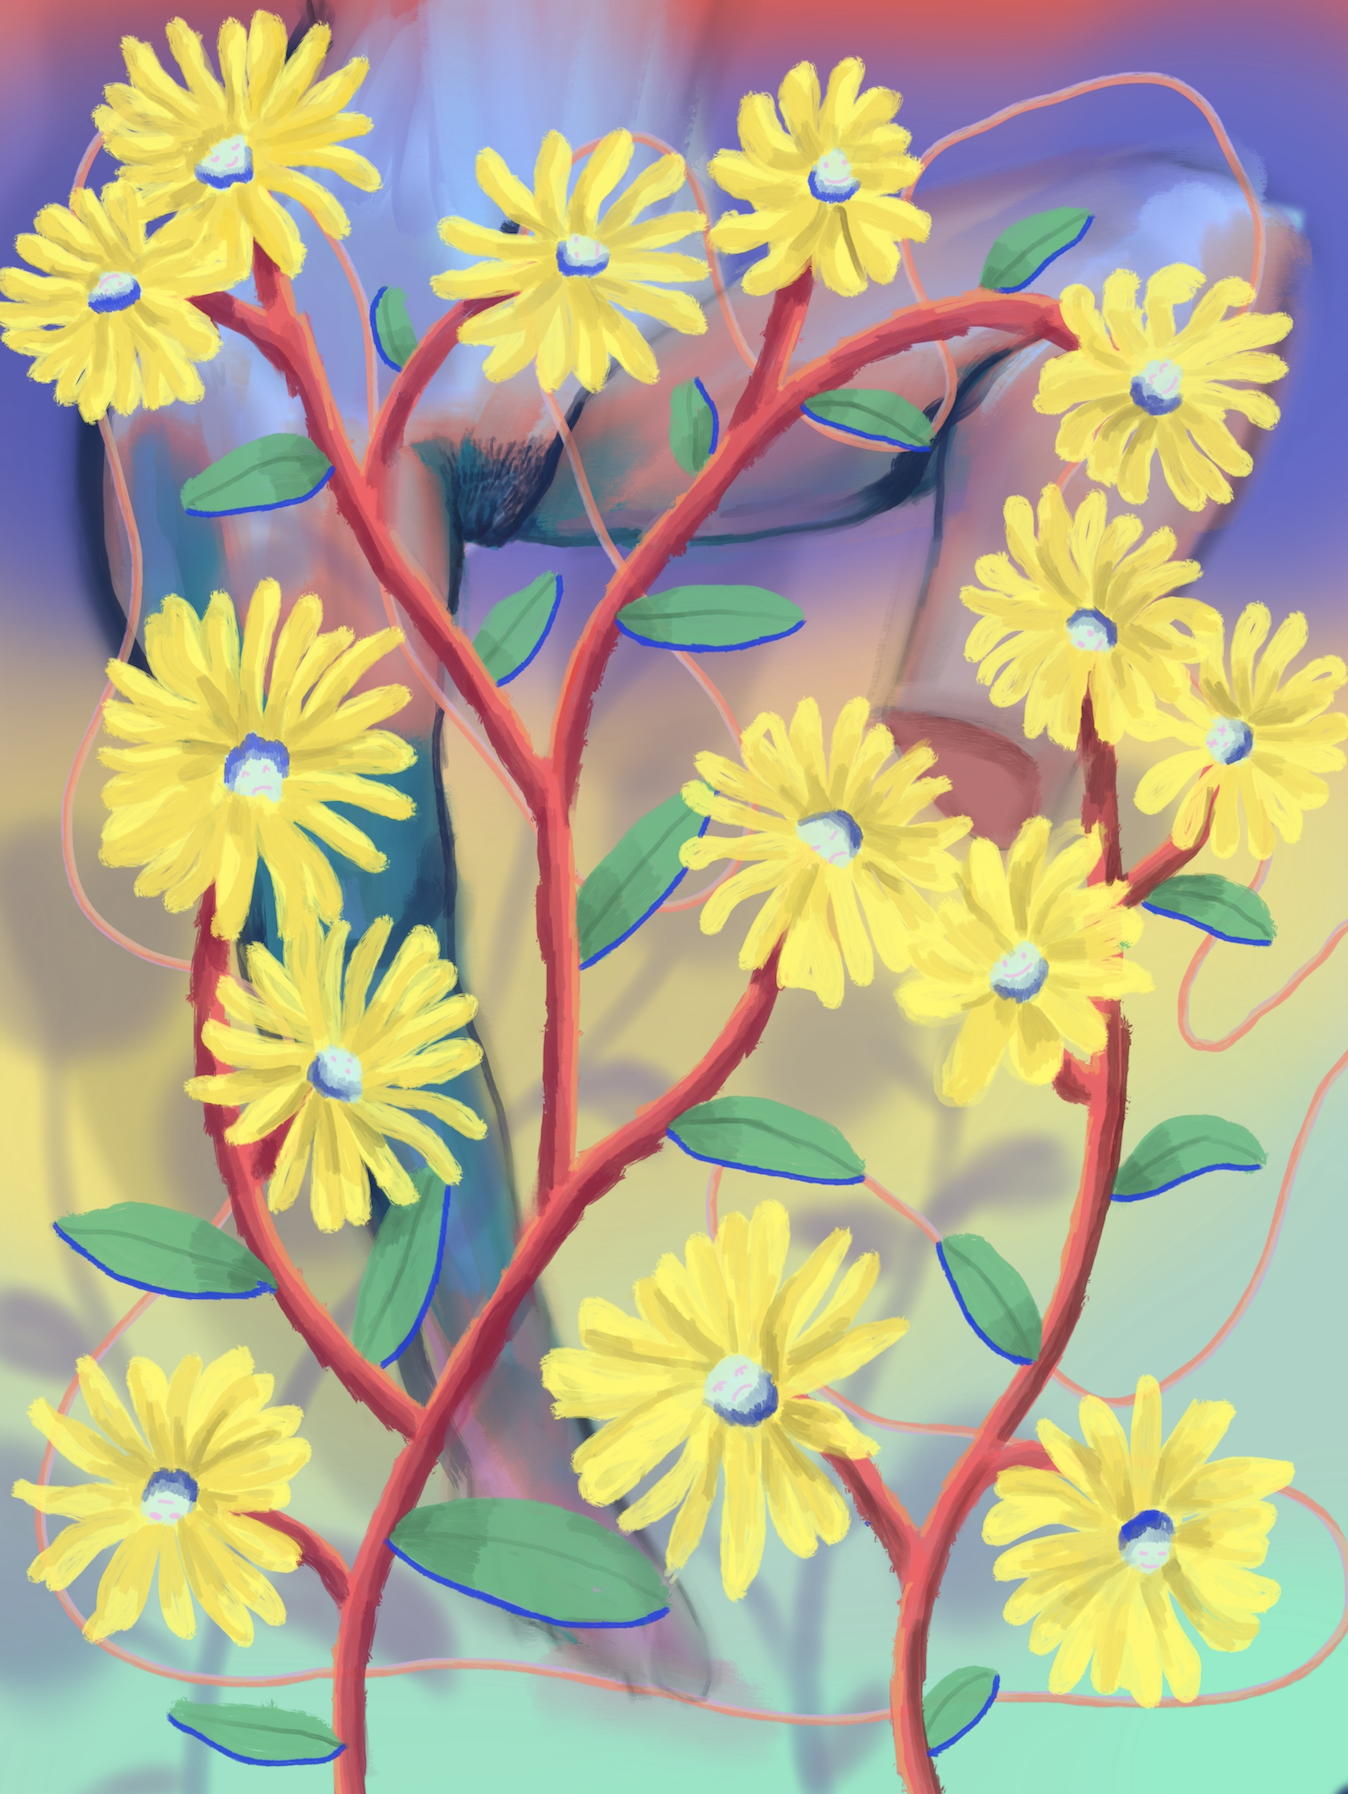 bouquet 2, acrylic on canvas, 90x120cm